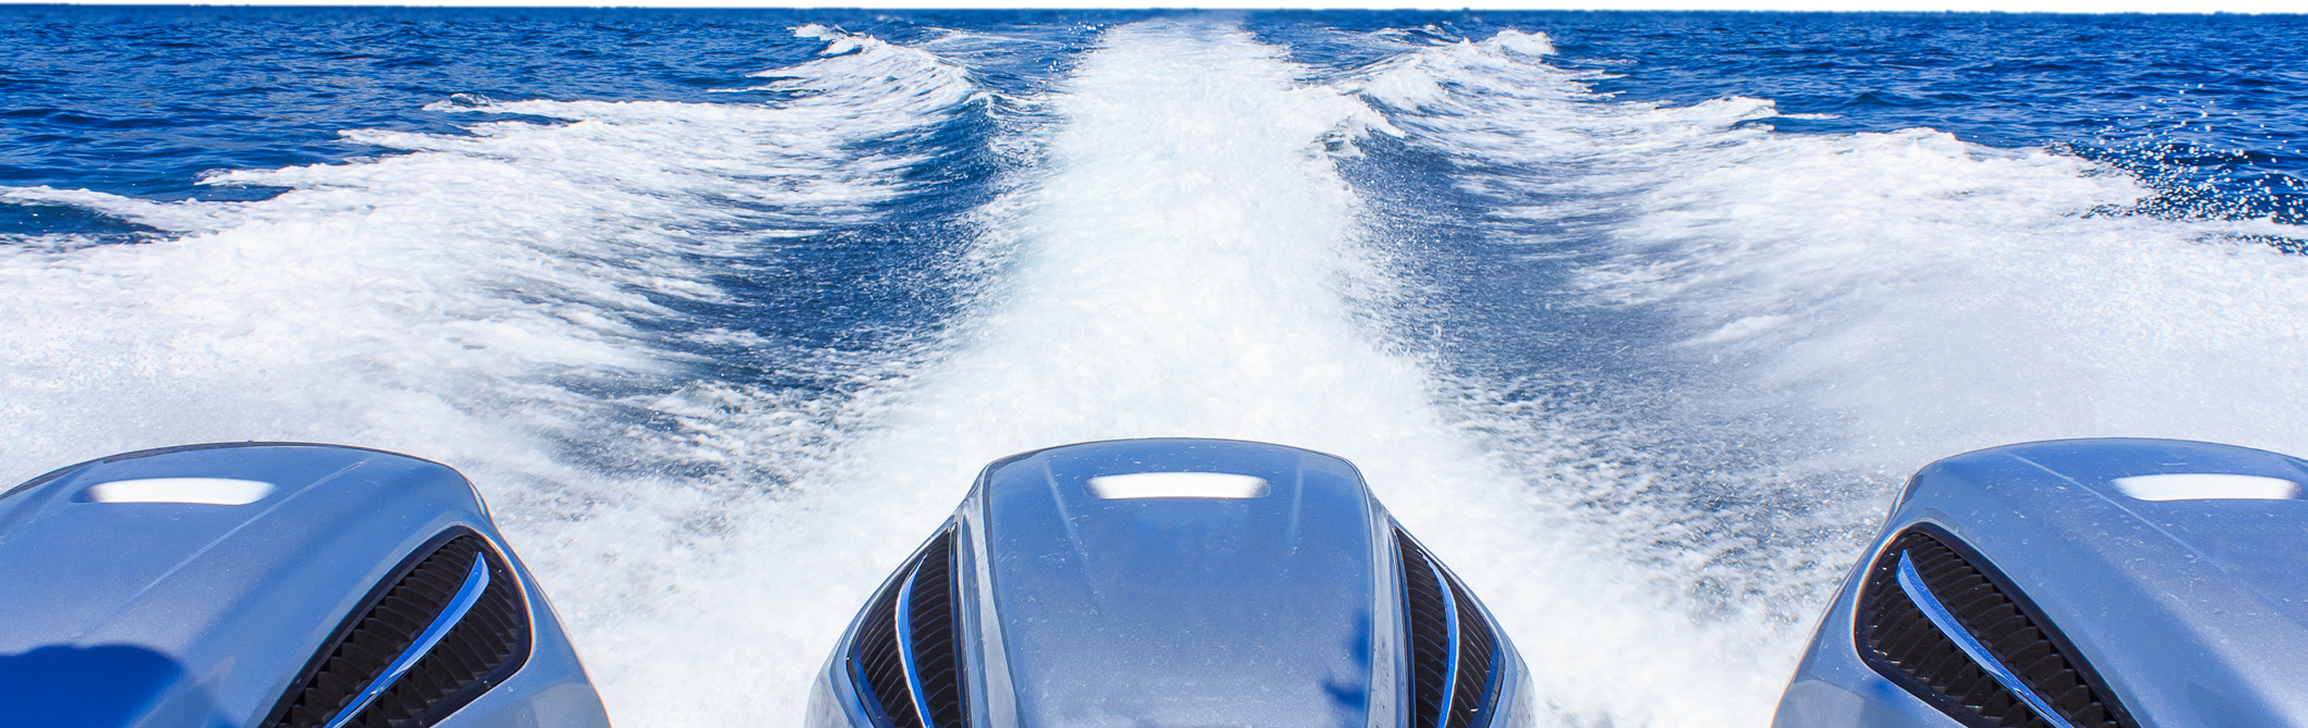 finanzierungsangebote f r sportboote und schlauchboote angebot von yacht finanz. Black Bedroom Furniture Sets. Home Design Ideas